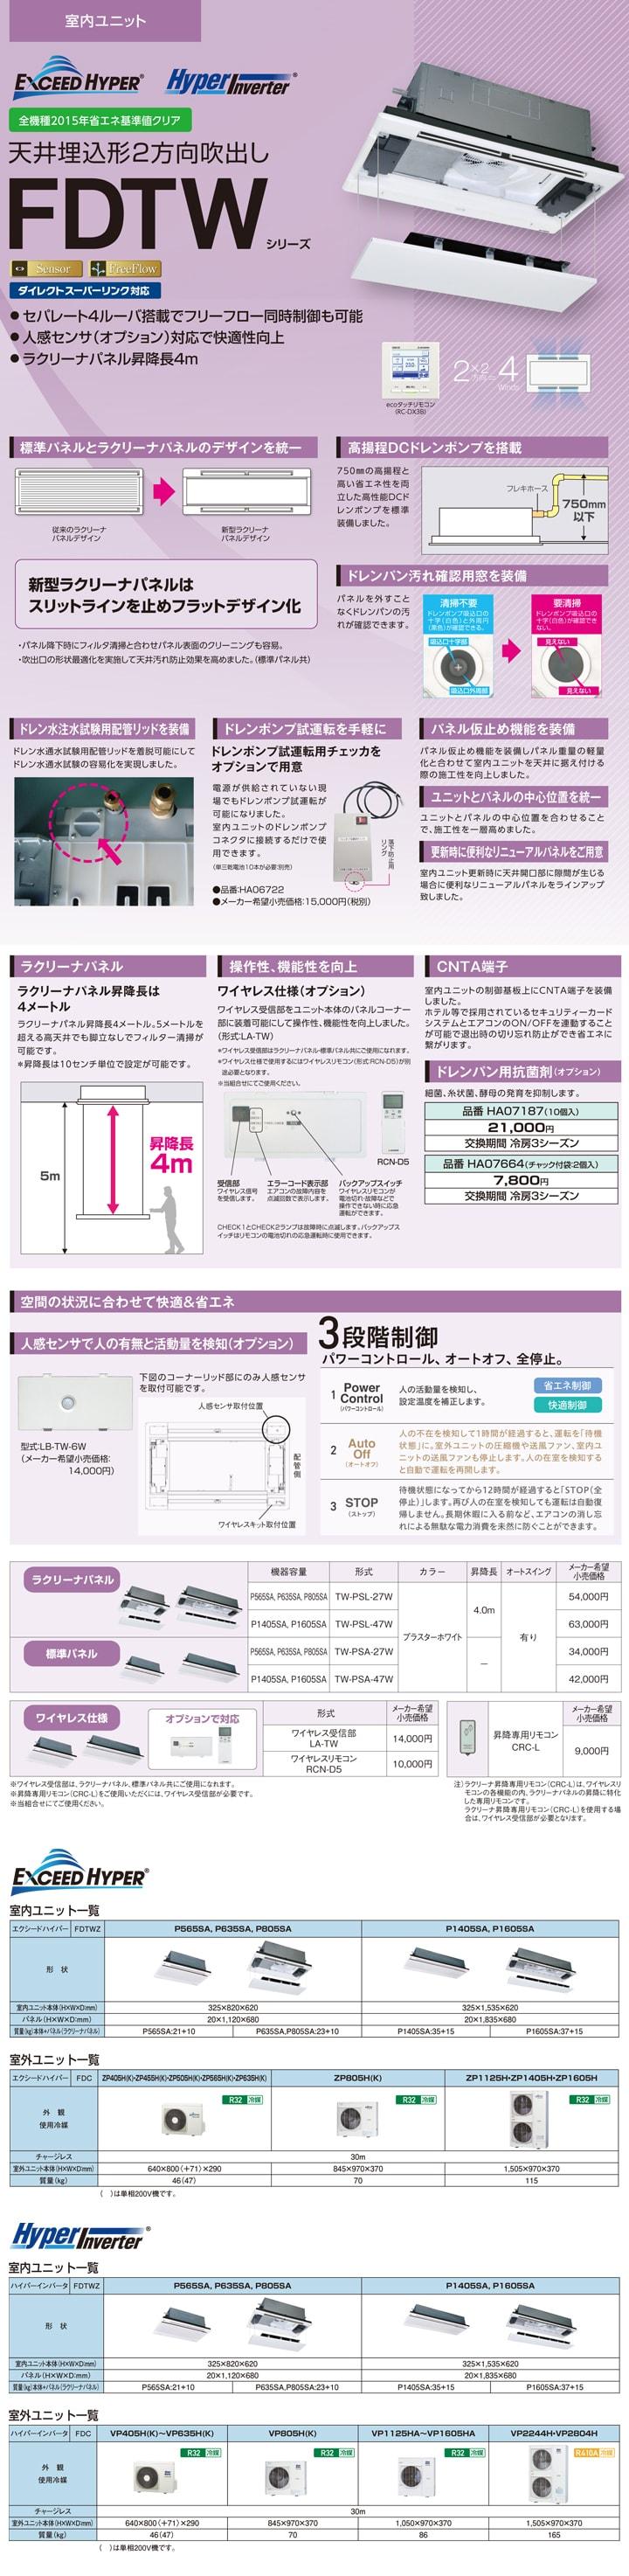 三菱重工 FDTWVP2244HD5SA-white 業務用エアコン